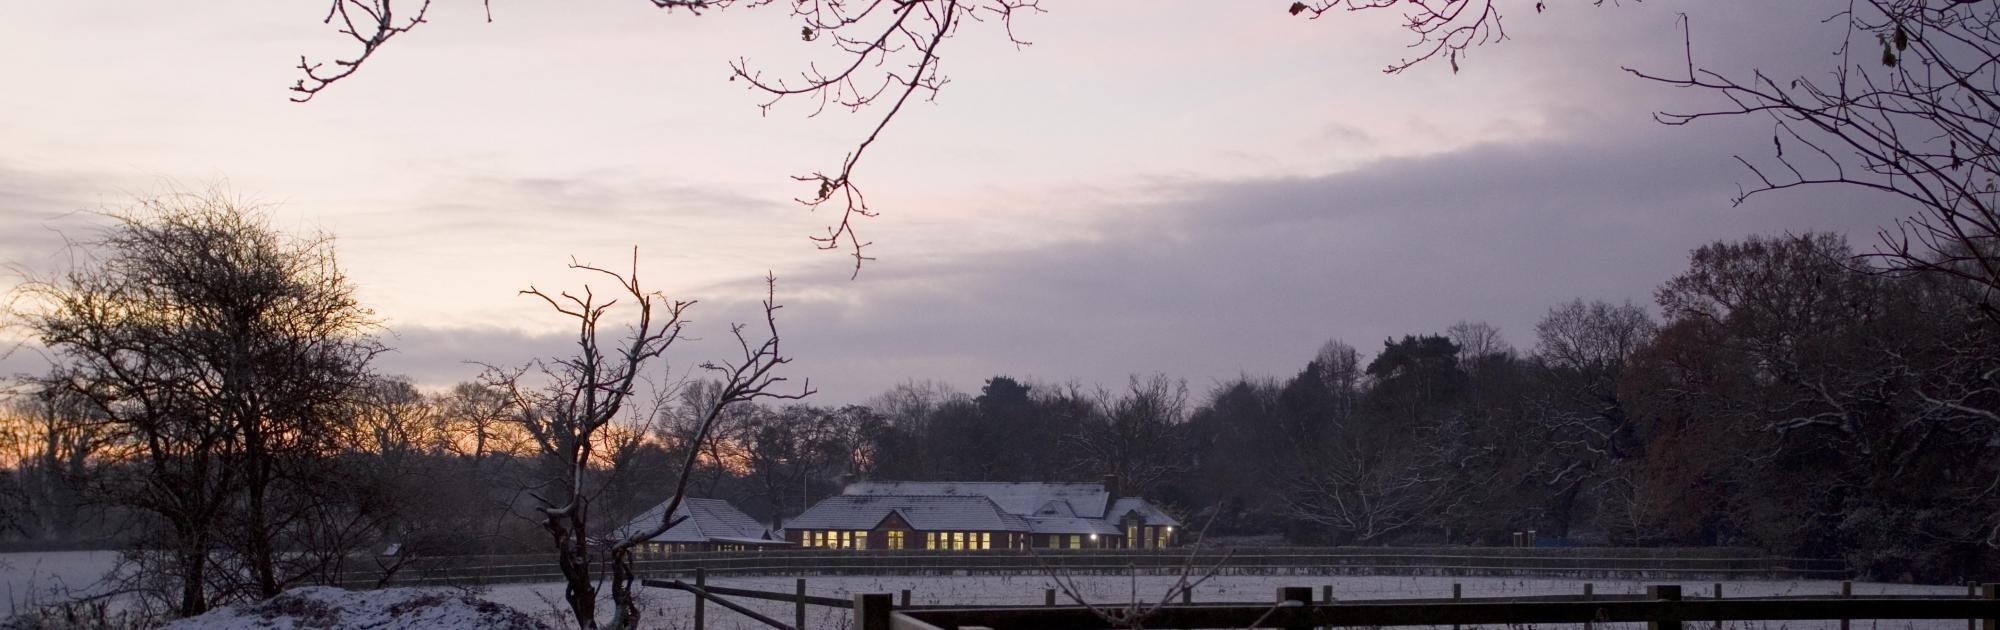 school at dawn scaled